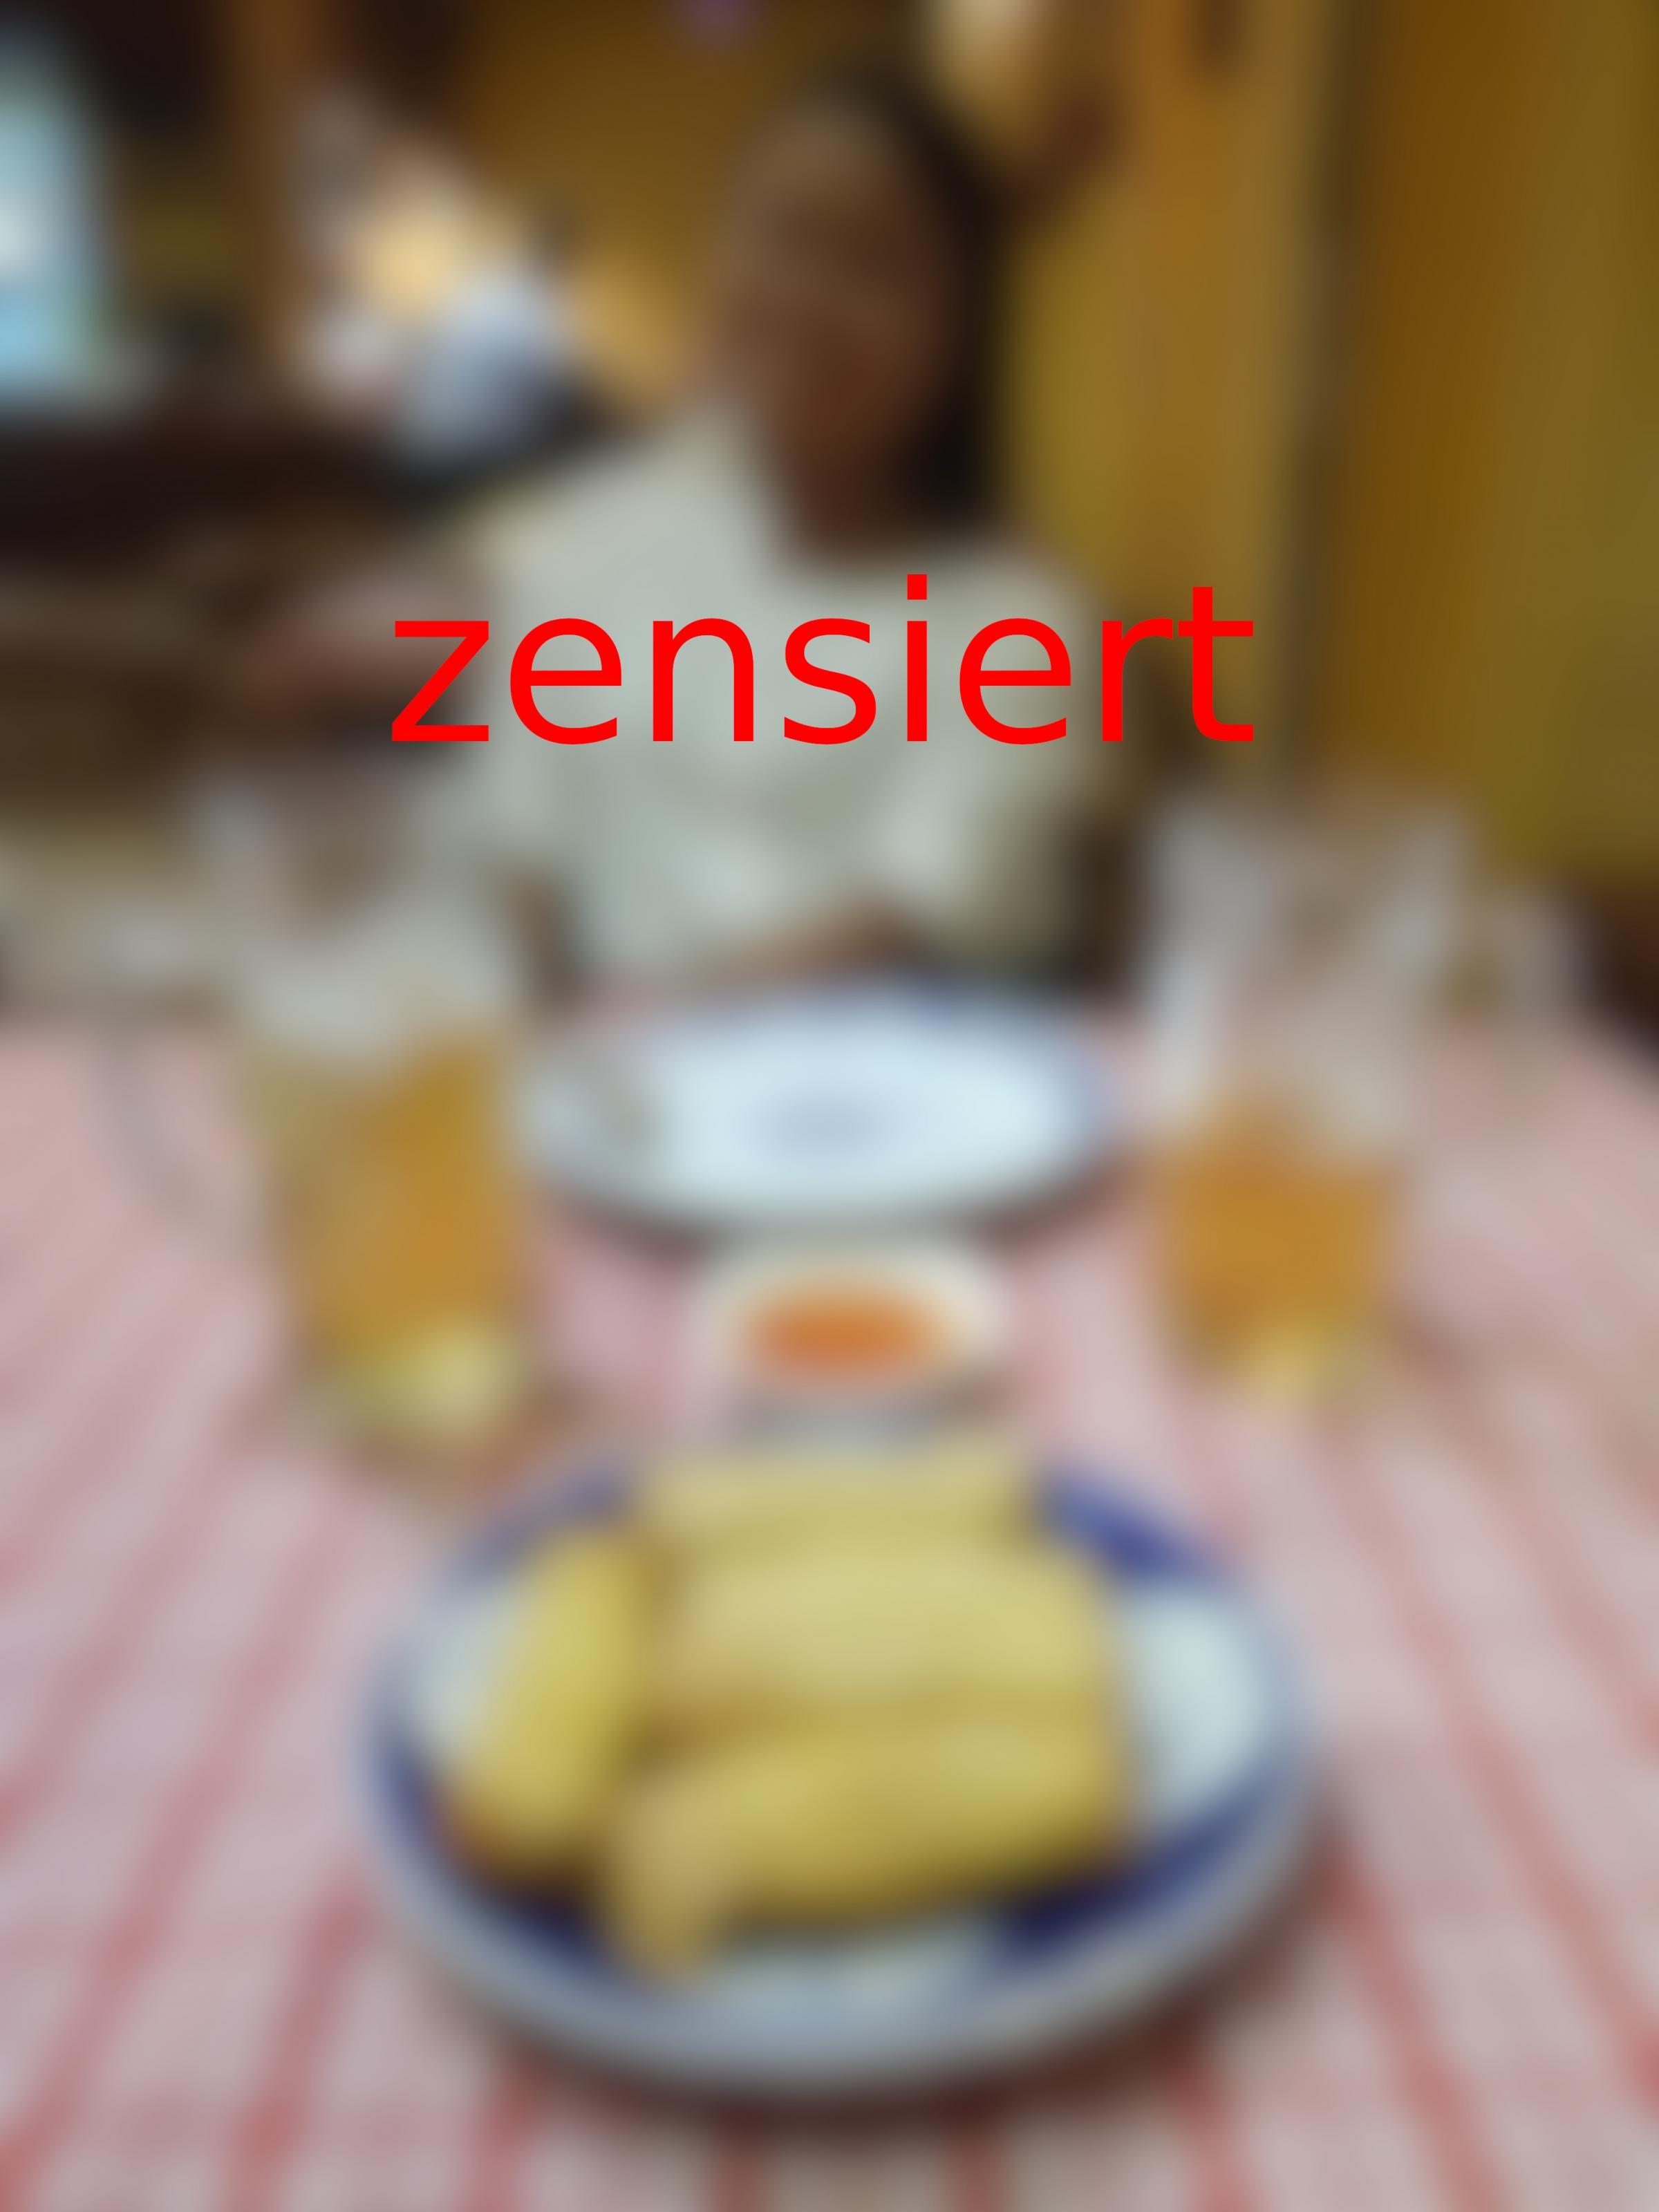 20190220-193208.jpg